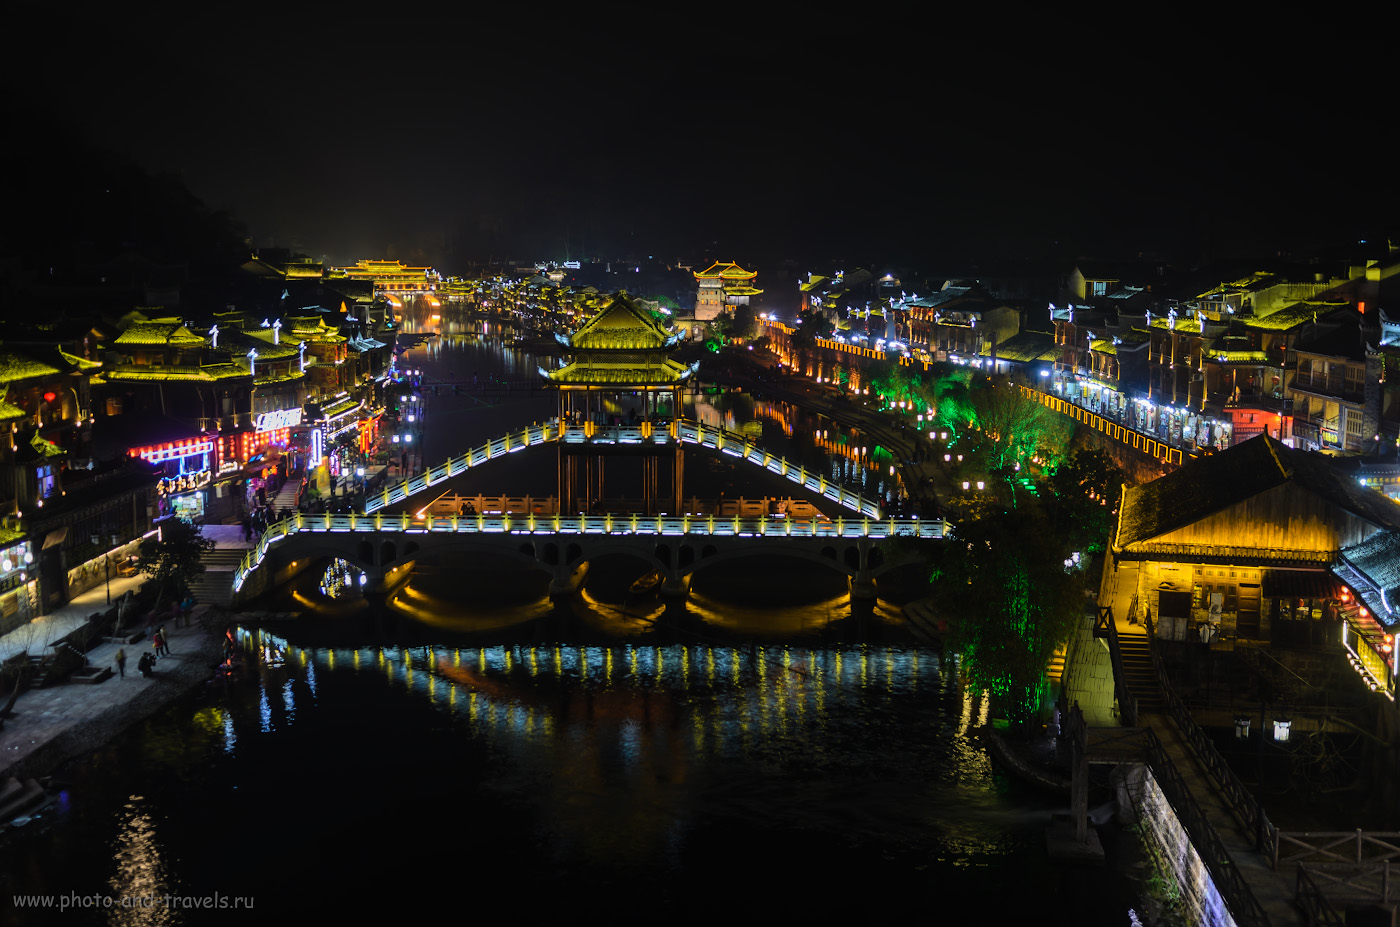 14. Пейзаж ночного города Фенхуан (Fenghuang Ancient Town, 凤凰县) в Китае. Отзыв о самостоятельной экскурсии из Чжанцзяцзе. 0.8, 2.8, 100, 26.